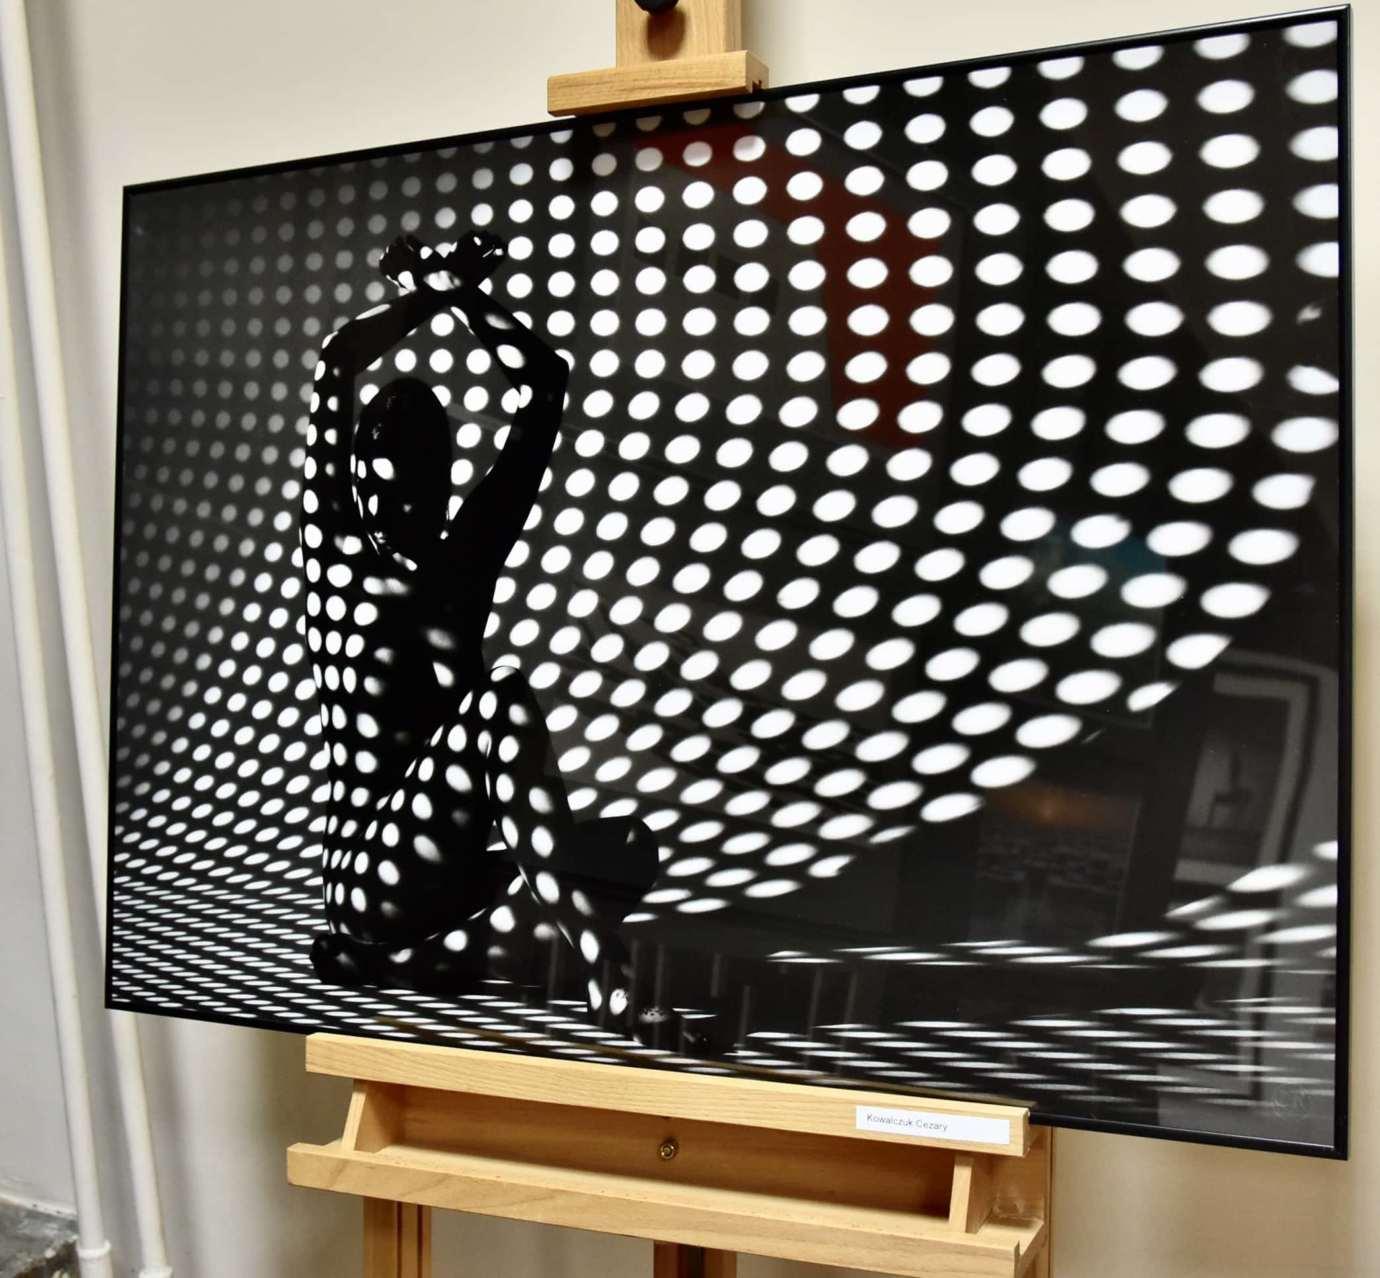 dsc 2561 Wystawa 66 limitowanych fotografii do zobaczenia w ZDK (zdjęcia)